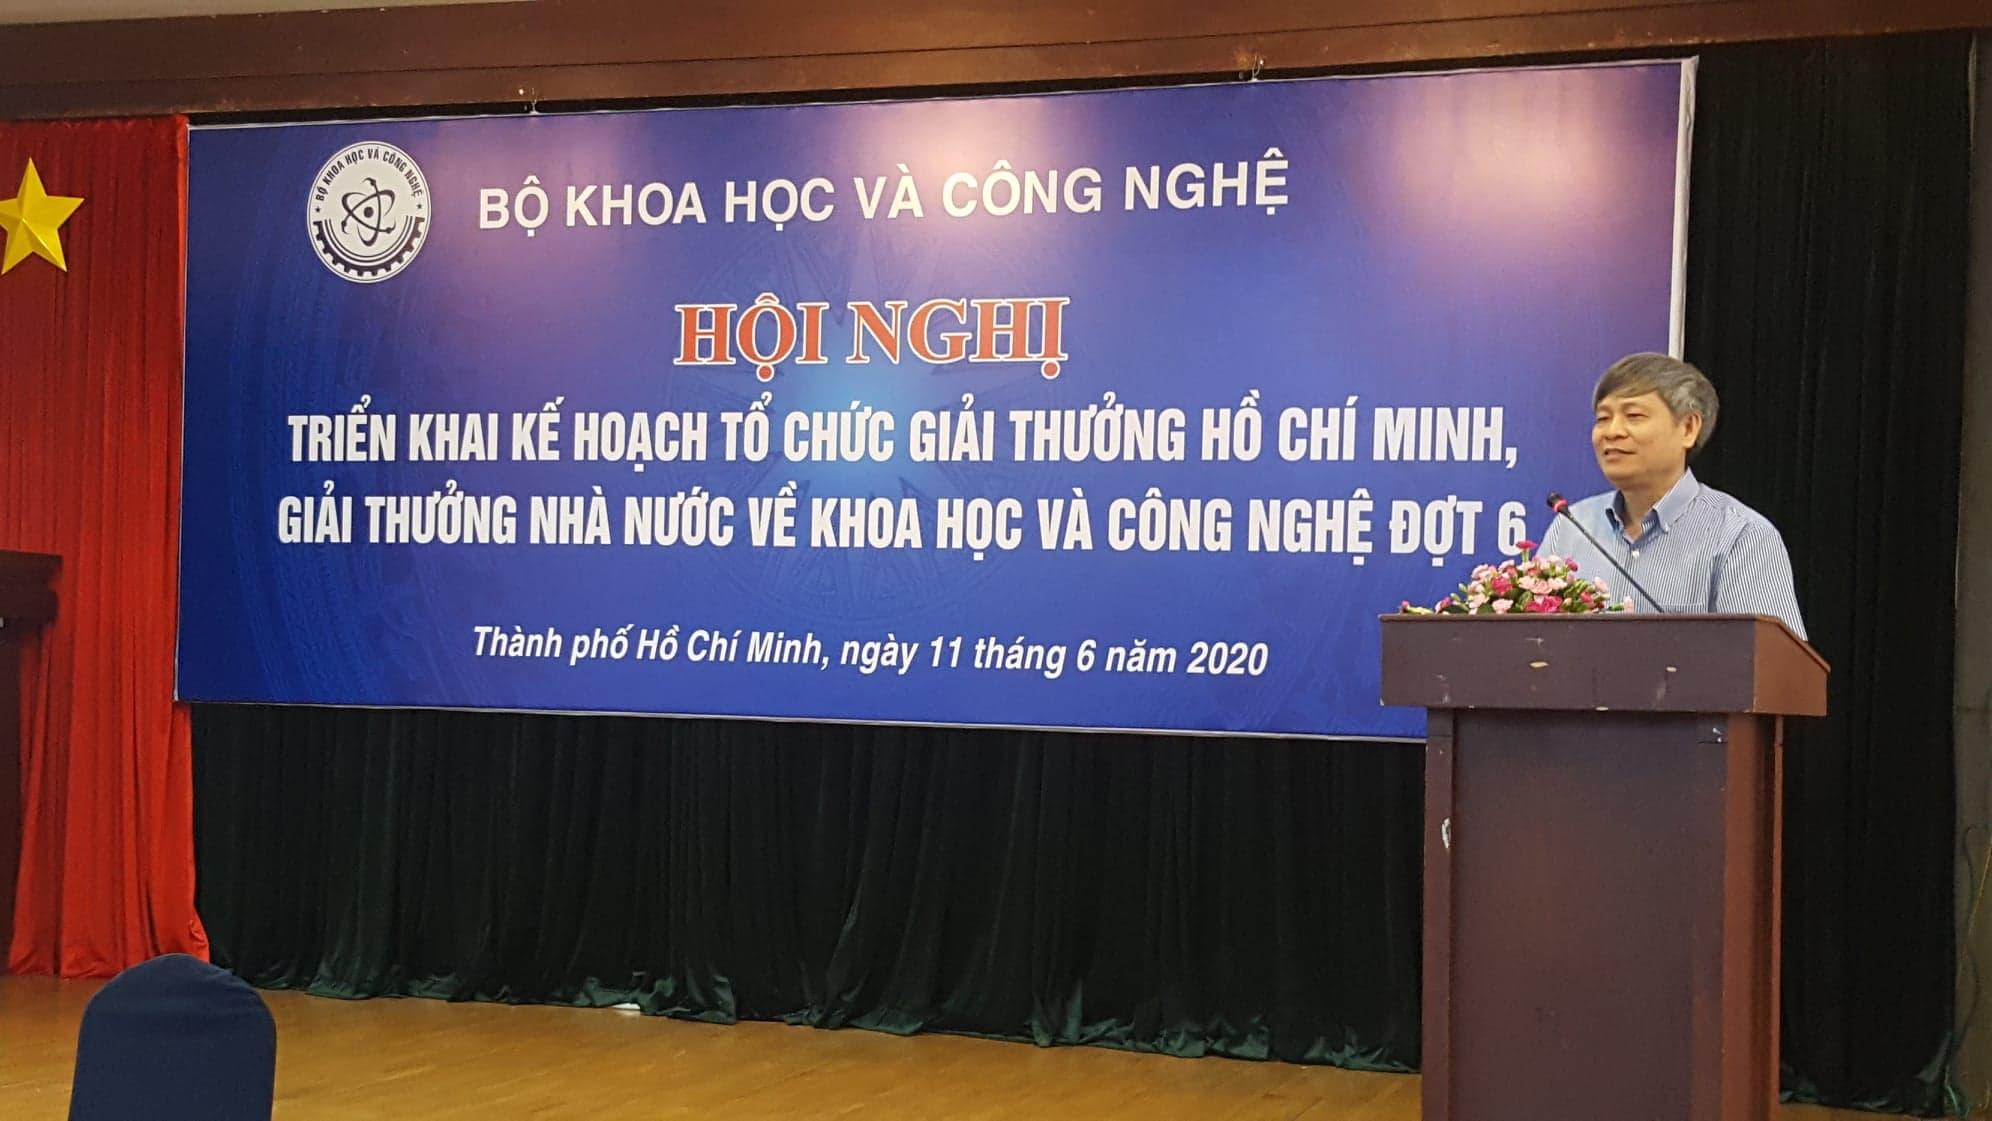 Thứ trưởng Bộ KH&CN Phạm Công Tạc phát biểu tại Hội nghị